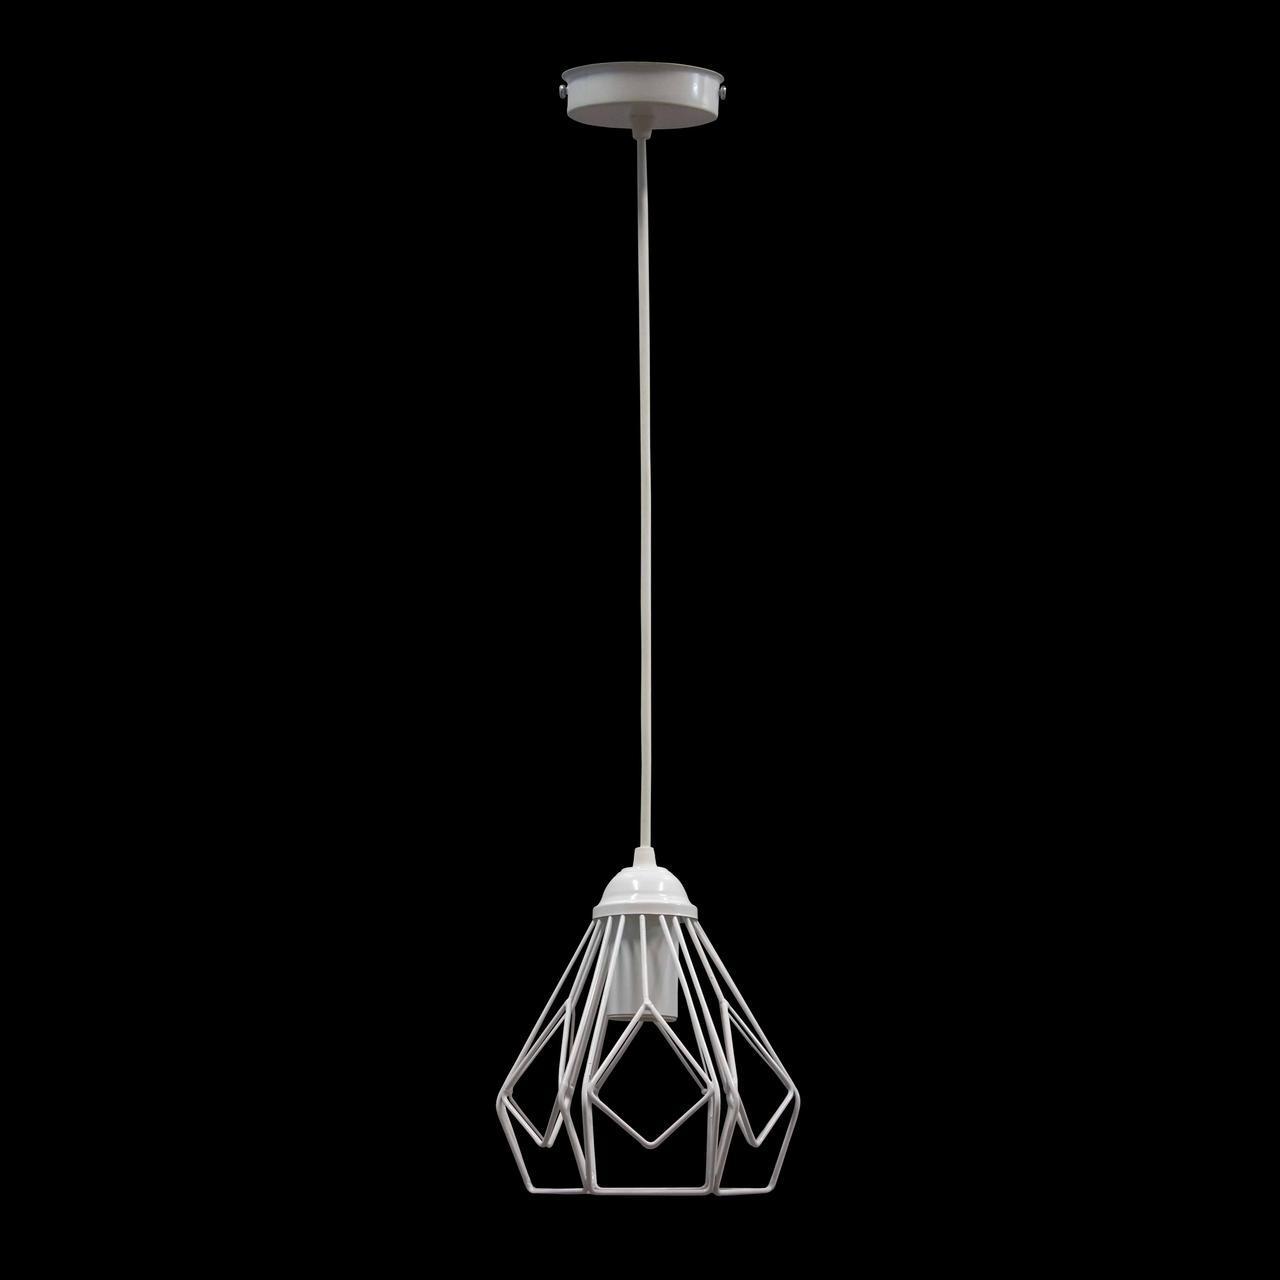 Світильник підвісний в стилі лофт NL 538 W MSK Electric